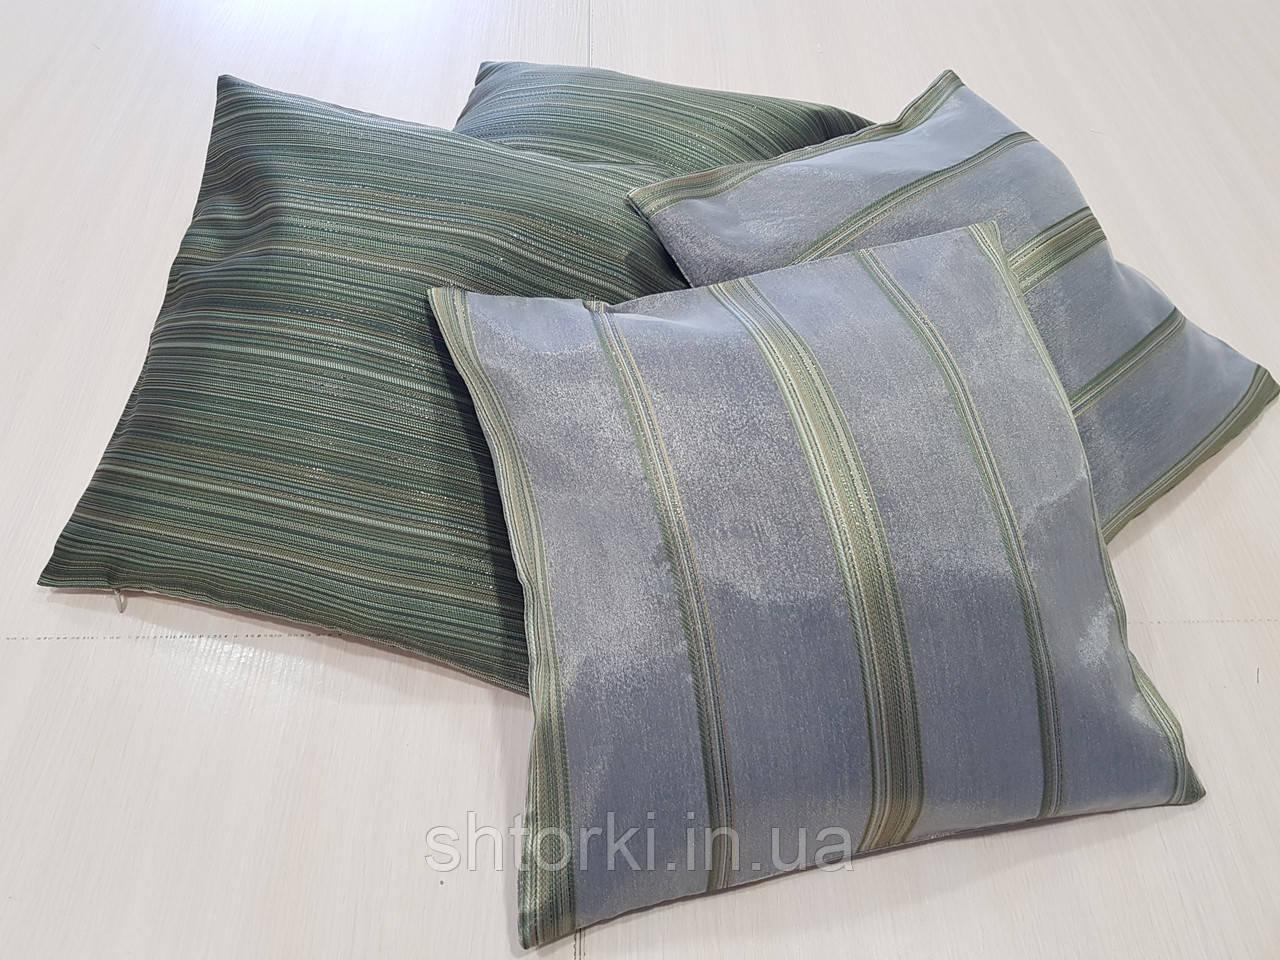 Комплект подушек зеленые полосочка , 4шт